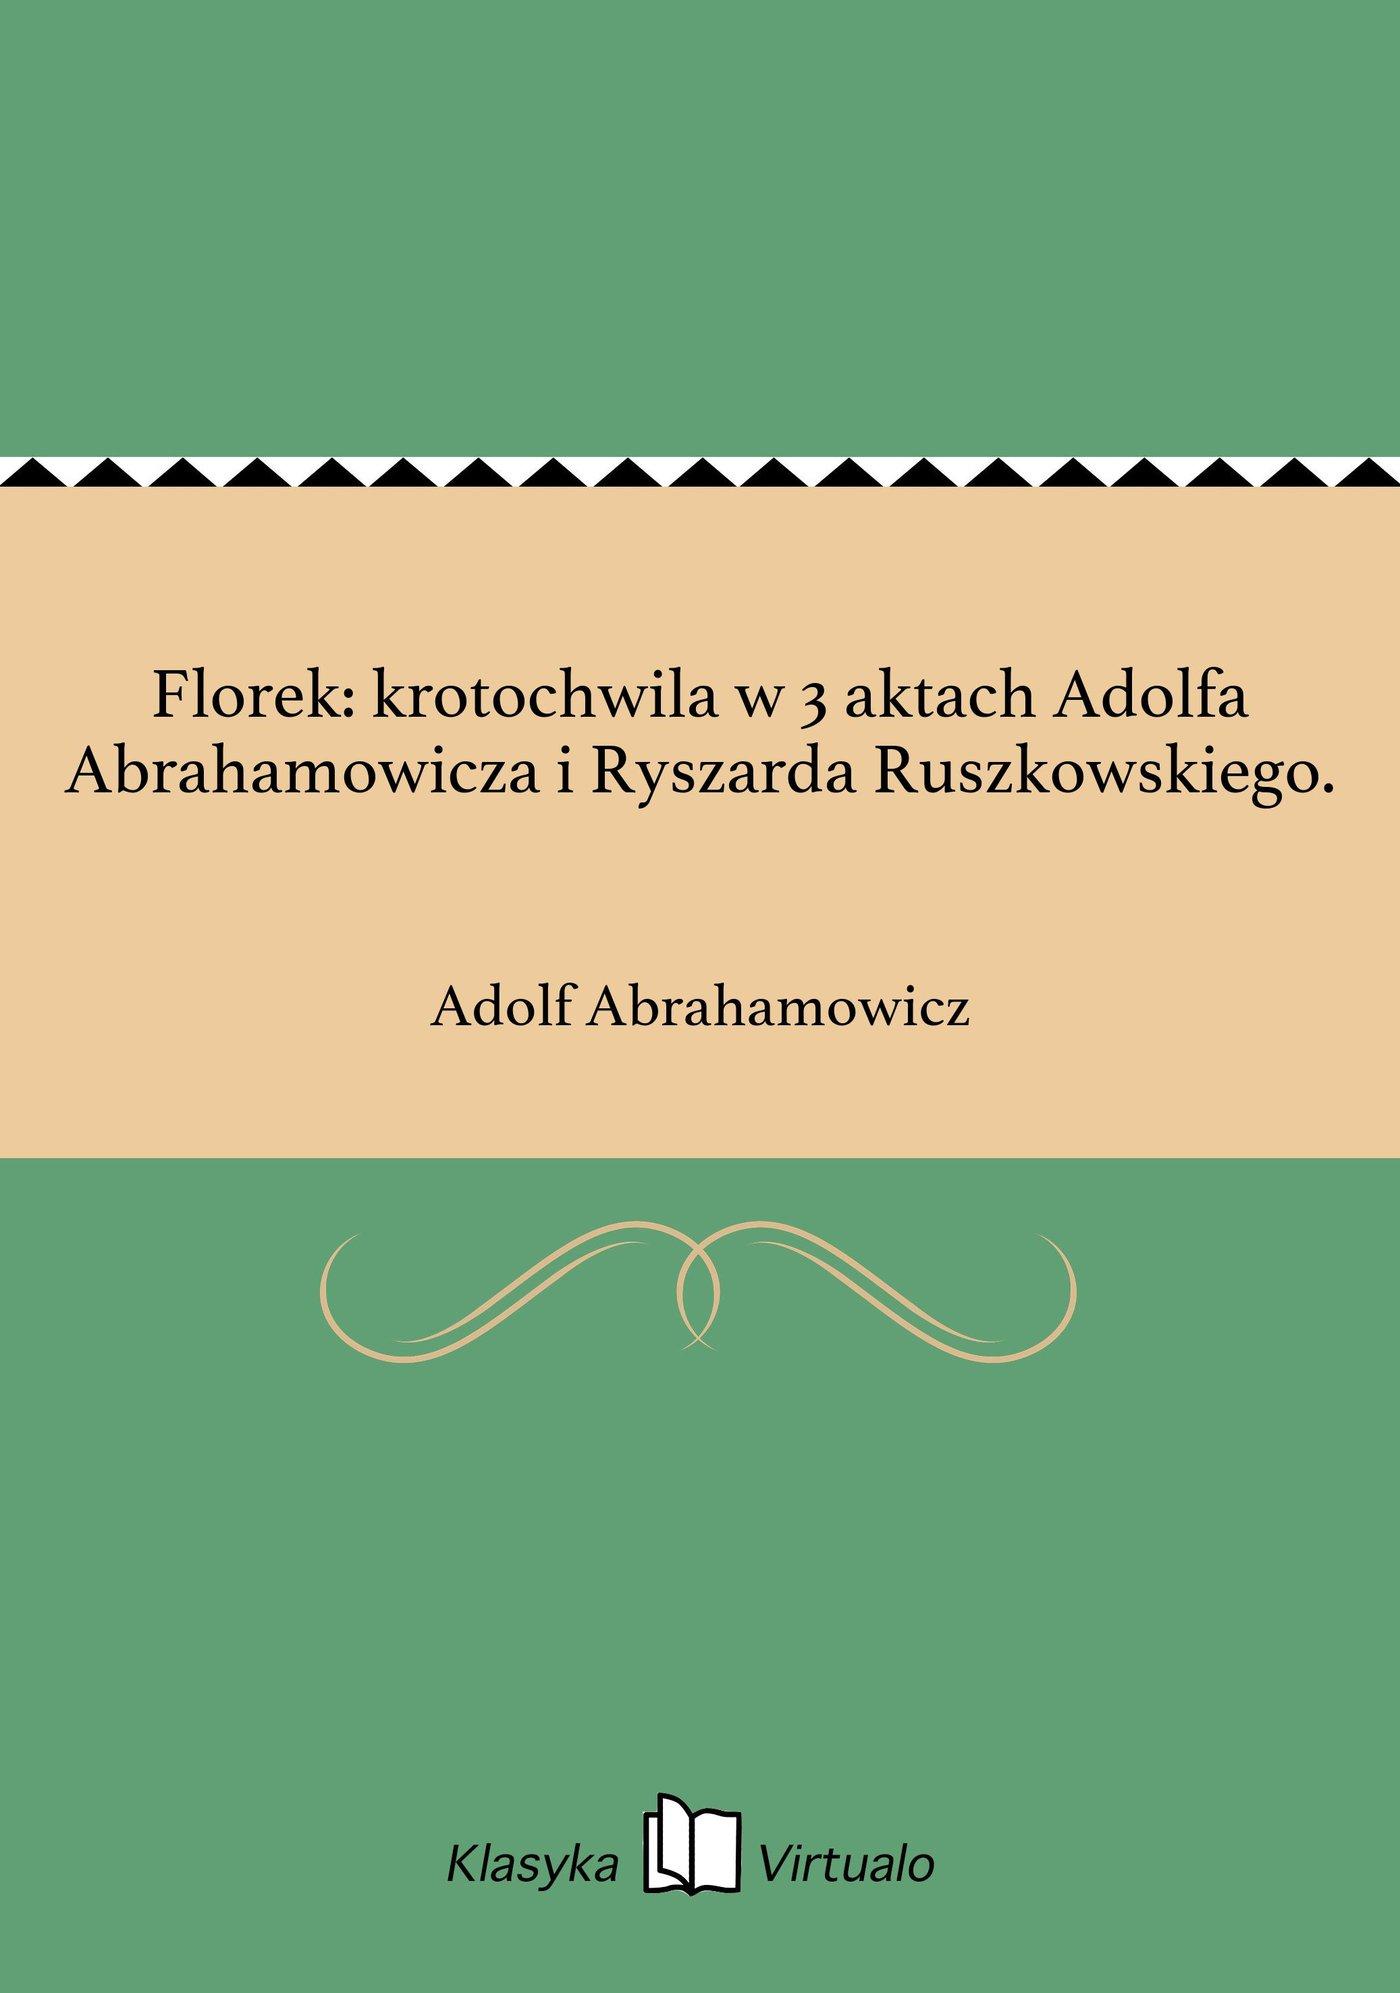 Florek: krotochwila w 3 aktach Adolfa Abrahamowicza i Ryszarda Ruszkowskiego. - Ebook (Książka EPUB) do pobrania w formacie EPUB